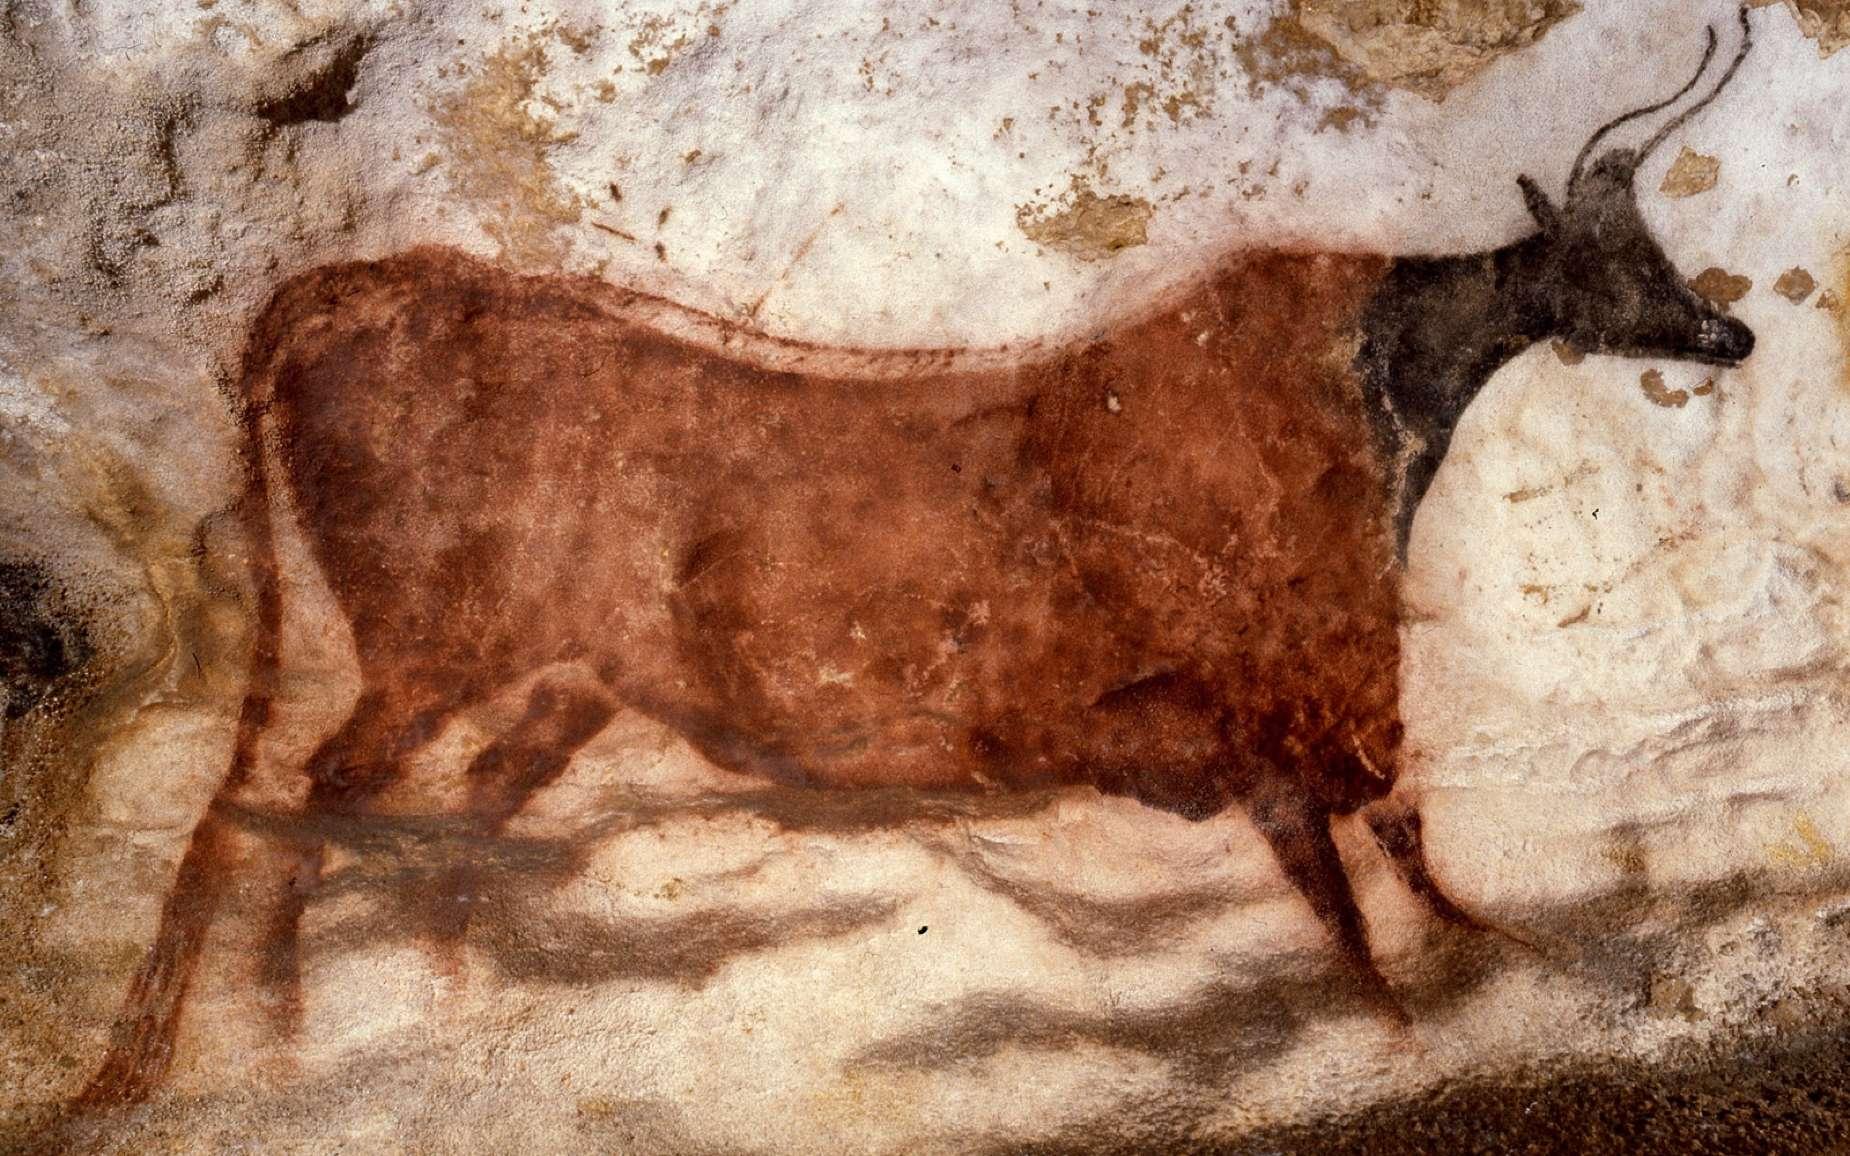 Représentation d'un taureau dans la grotte de Lascaux. © Lascaux